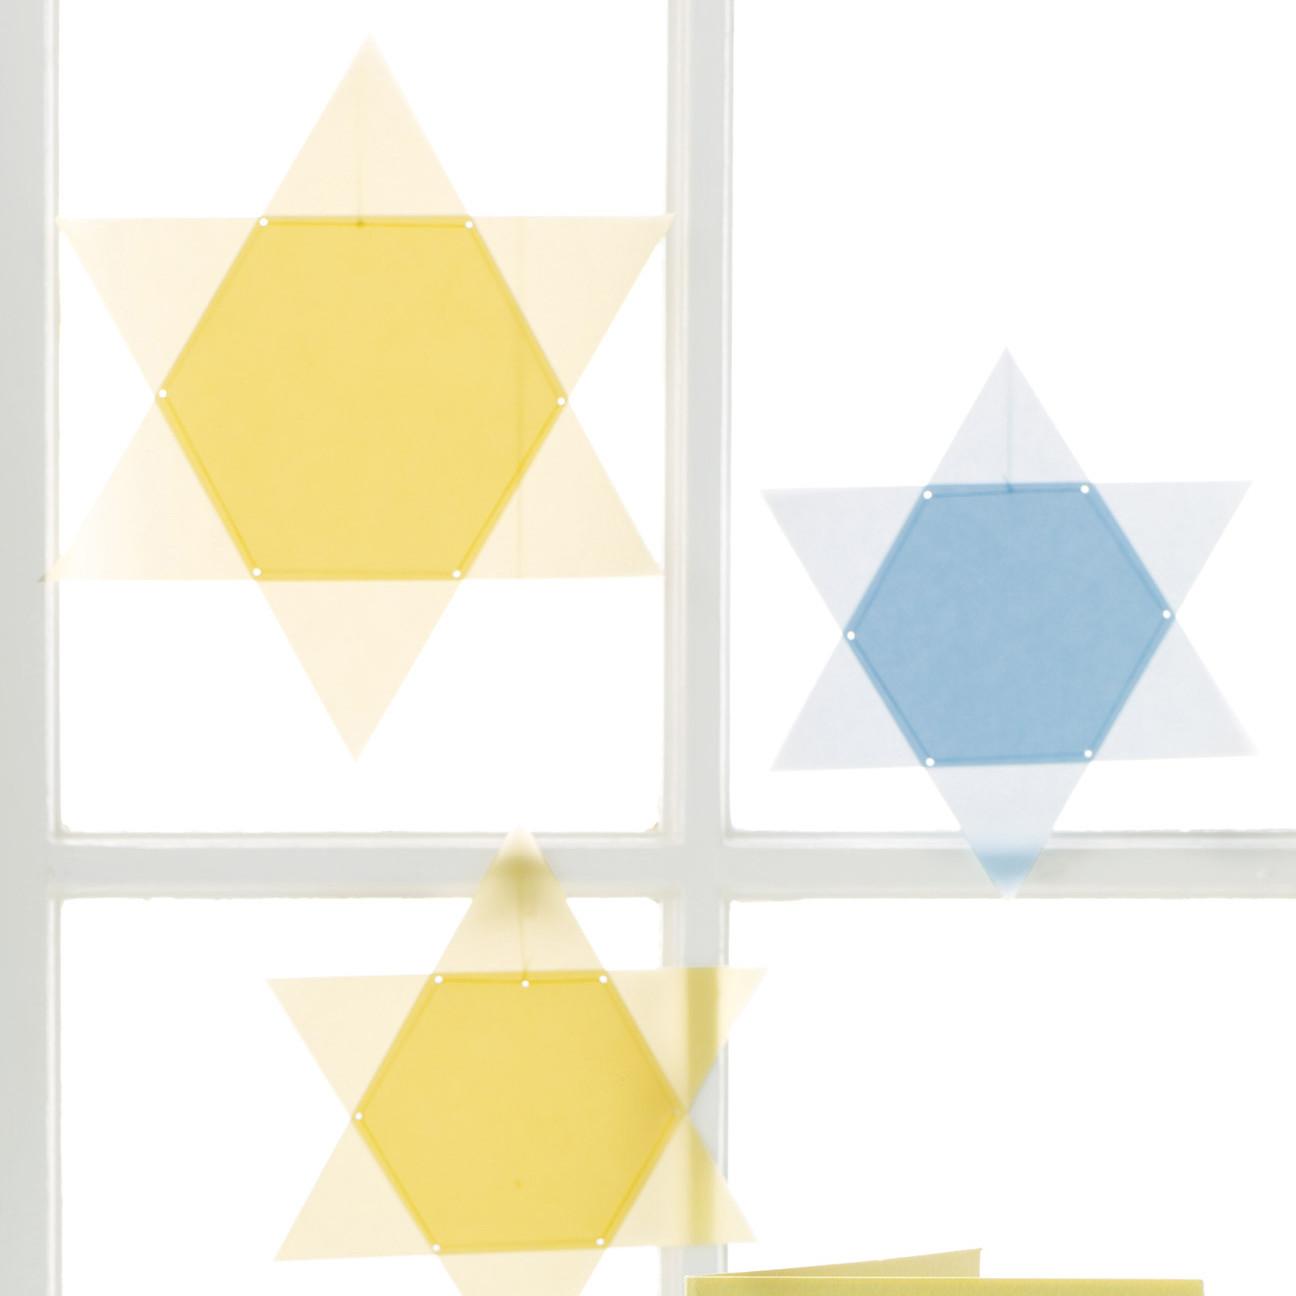 Clip Art and Templates for Hanukkah | Martha Stewart